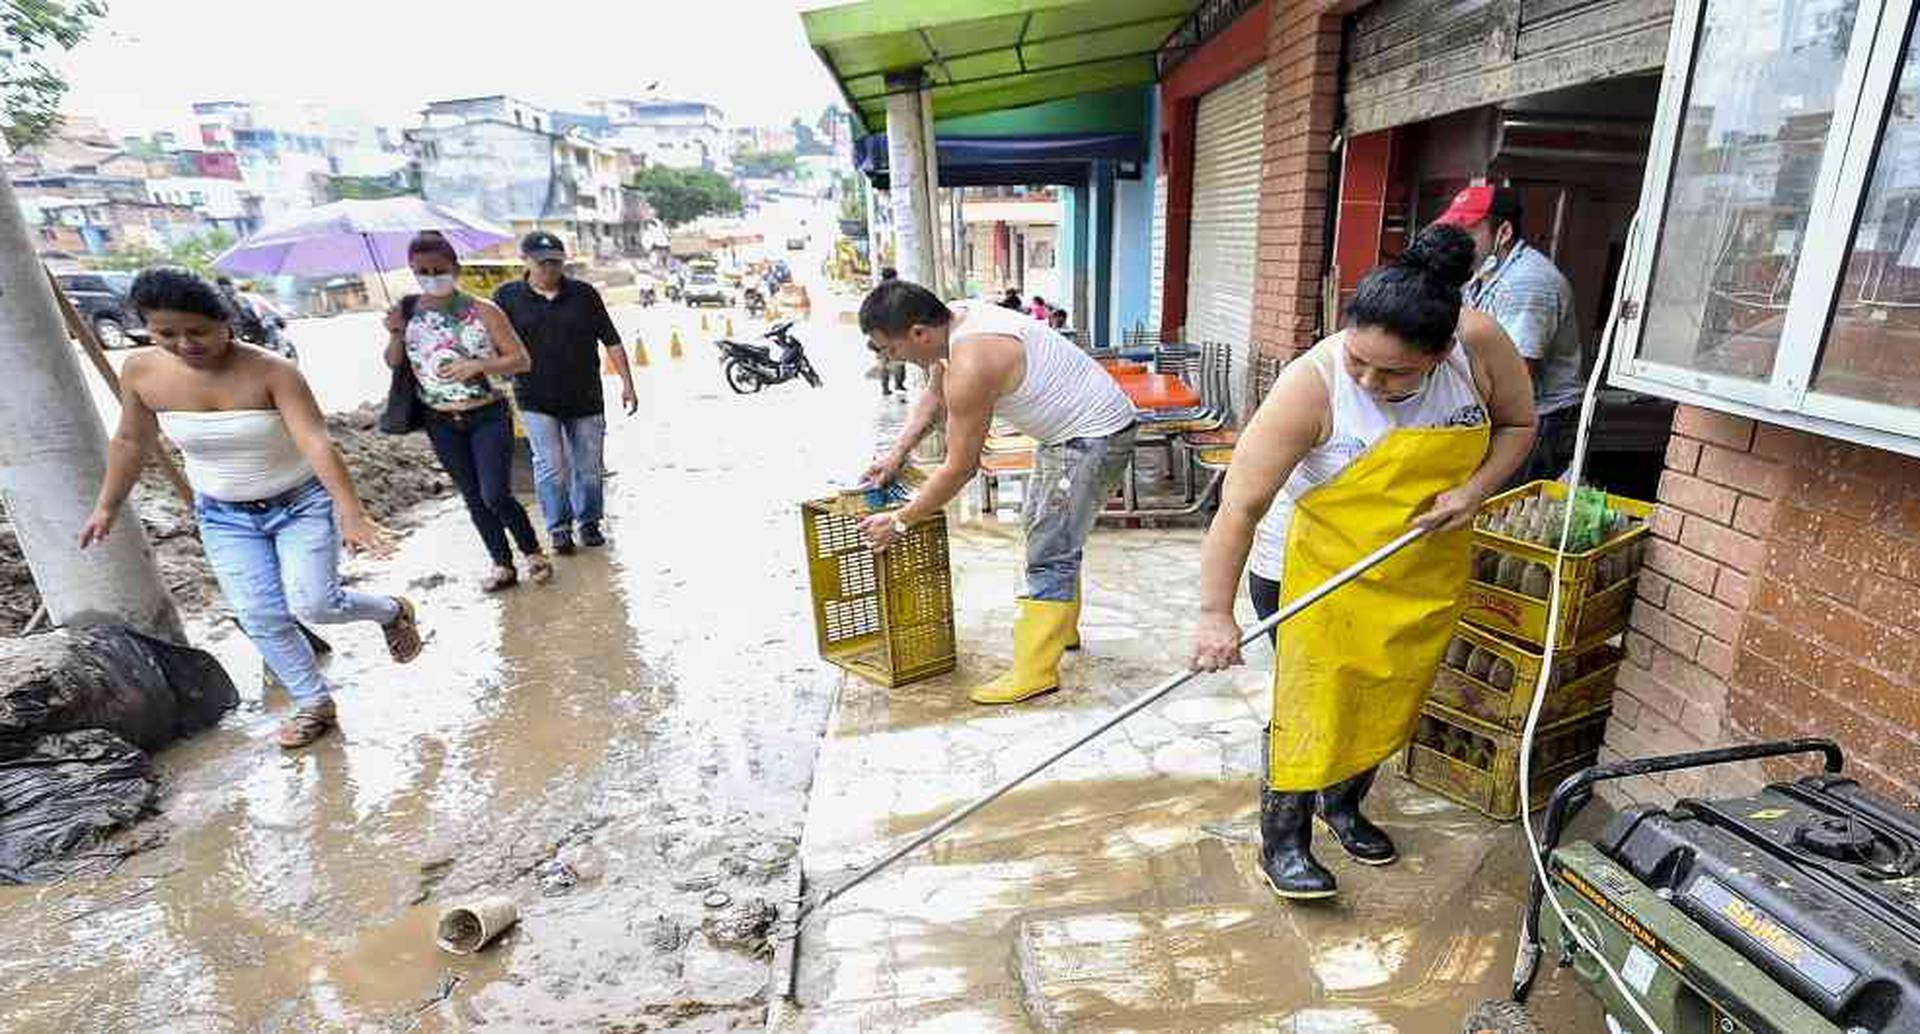 En varias regiones del país ya se han registrado inundaciones por cuenta del desborde de quebradas y ríos. Foto: archivo/Semana.